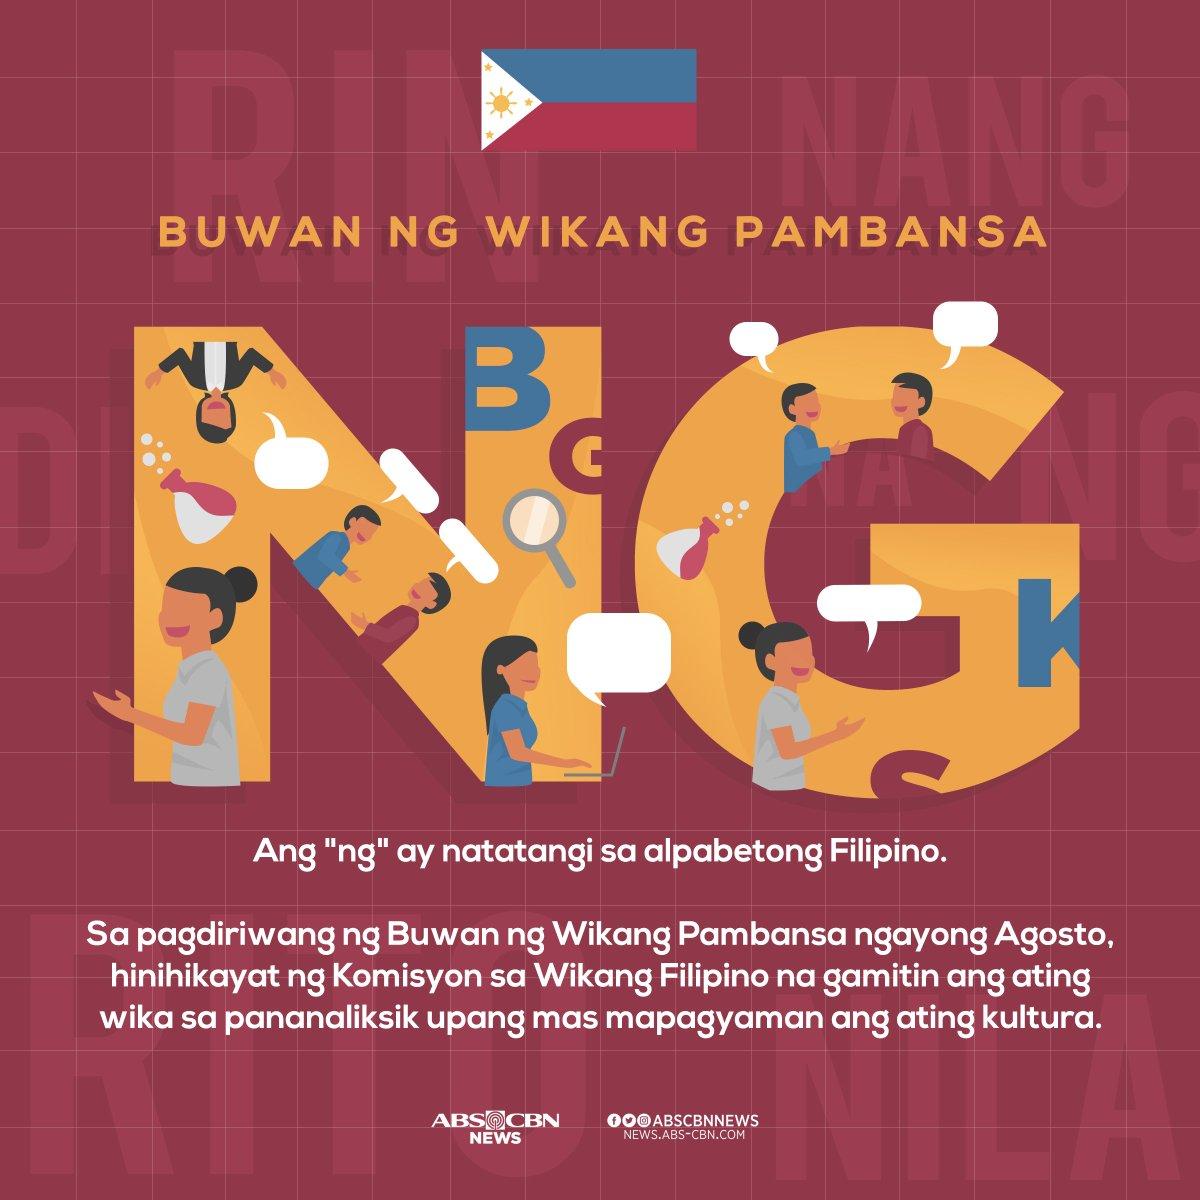 Mahalagang salik pagkakaisa ang pagpapayaman Filipino bilang